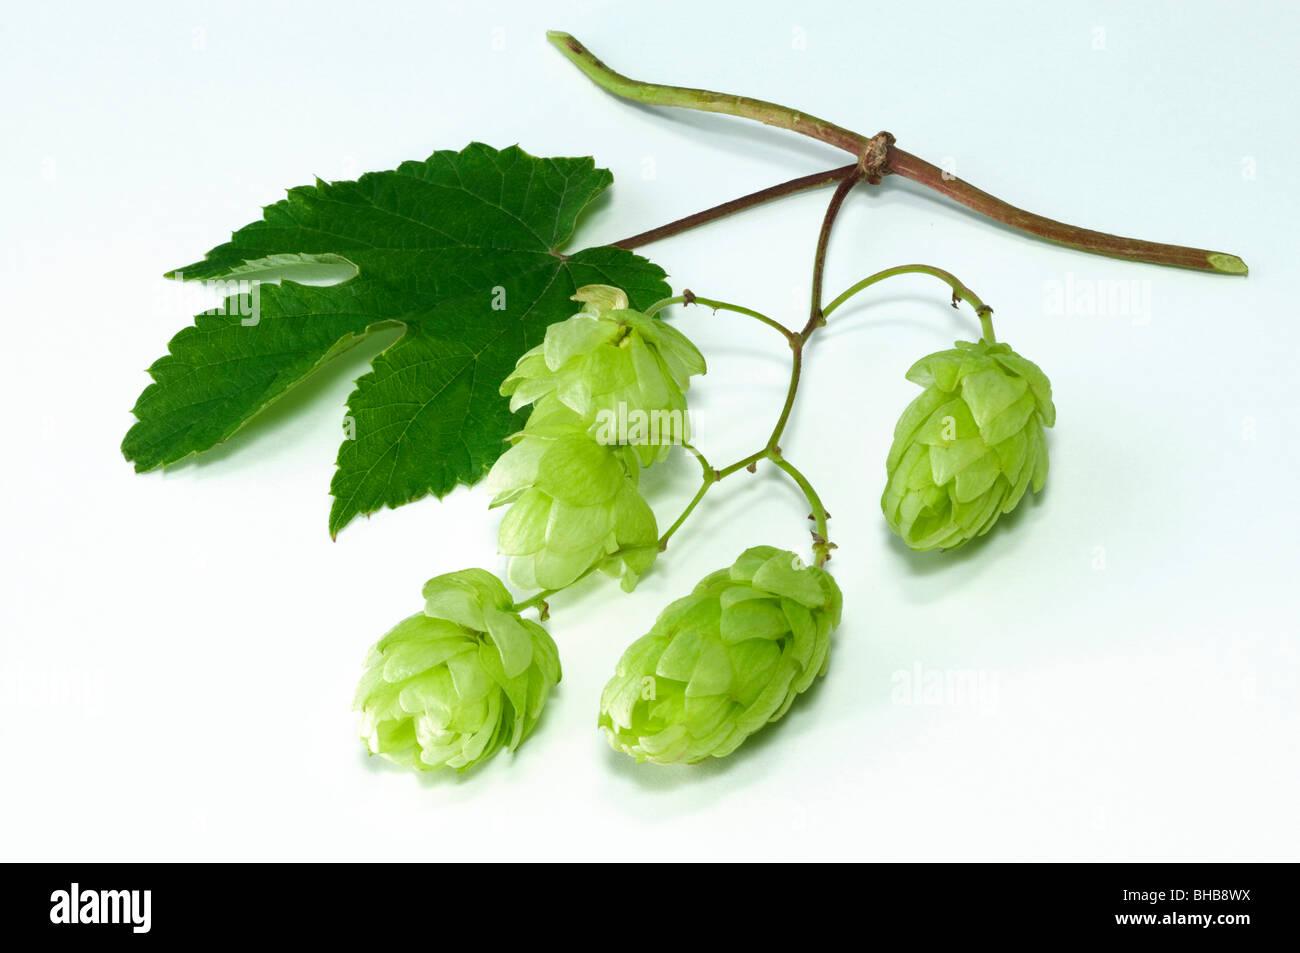 Gemeinsamen Hopfen (Humulus Lupulus), Ranke mit Blätter und Früchte, Studio Bild. Stockbild